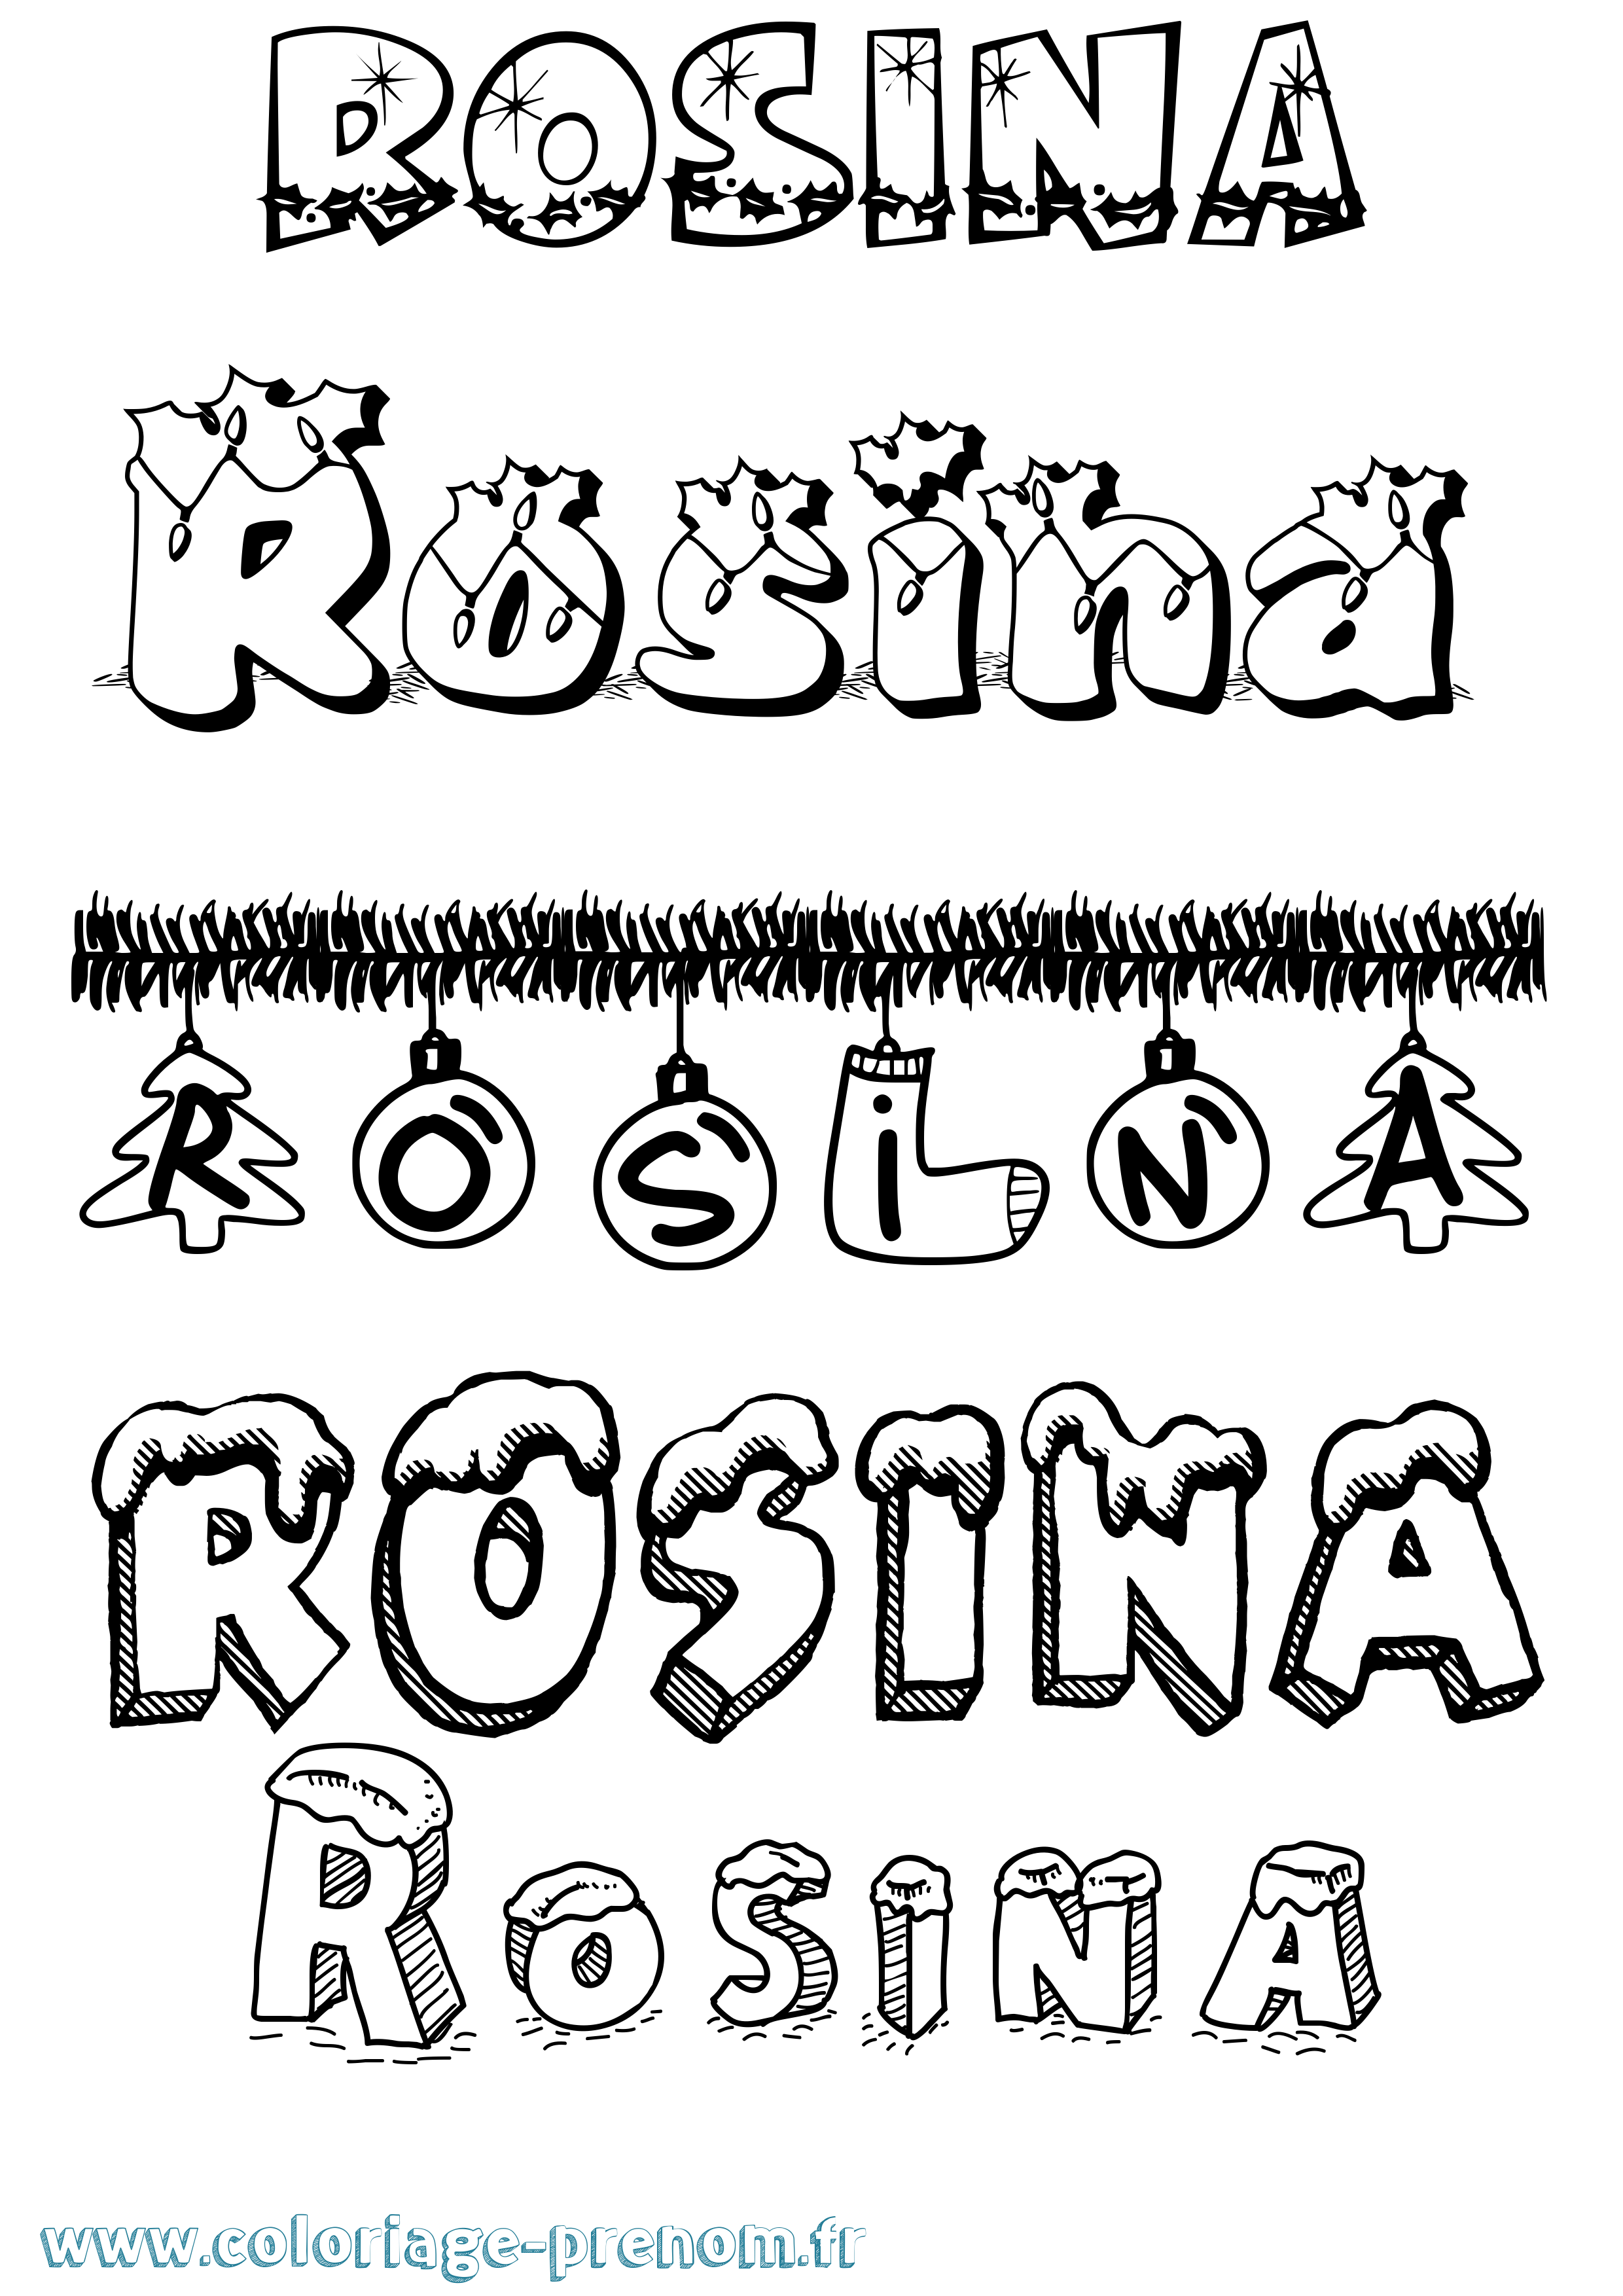 Coloriage du prénom Rosina : à Imprimer ou Télécharger ...